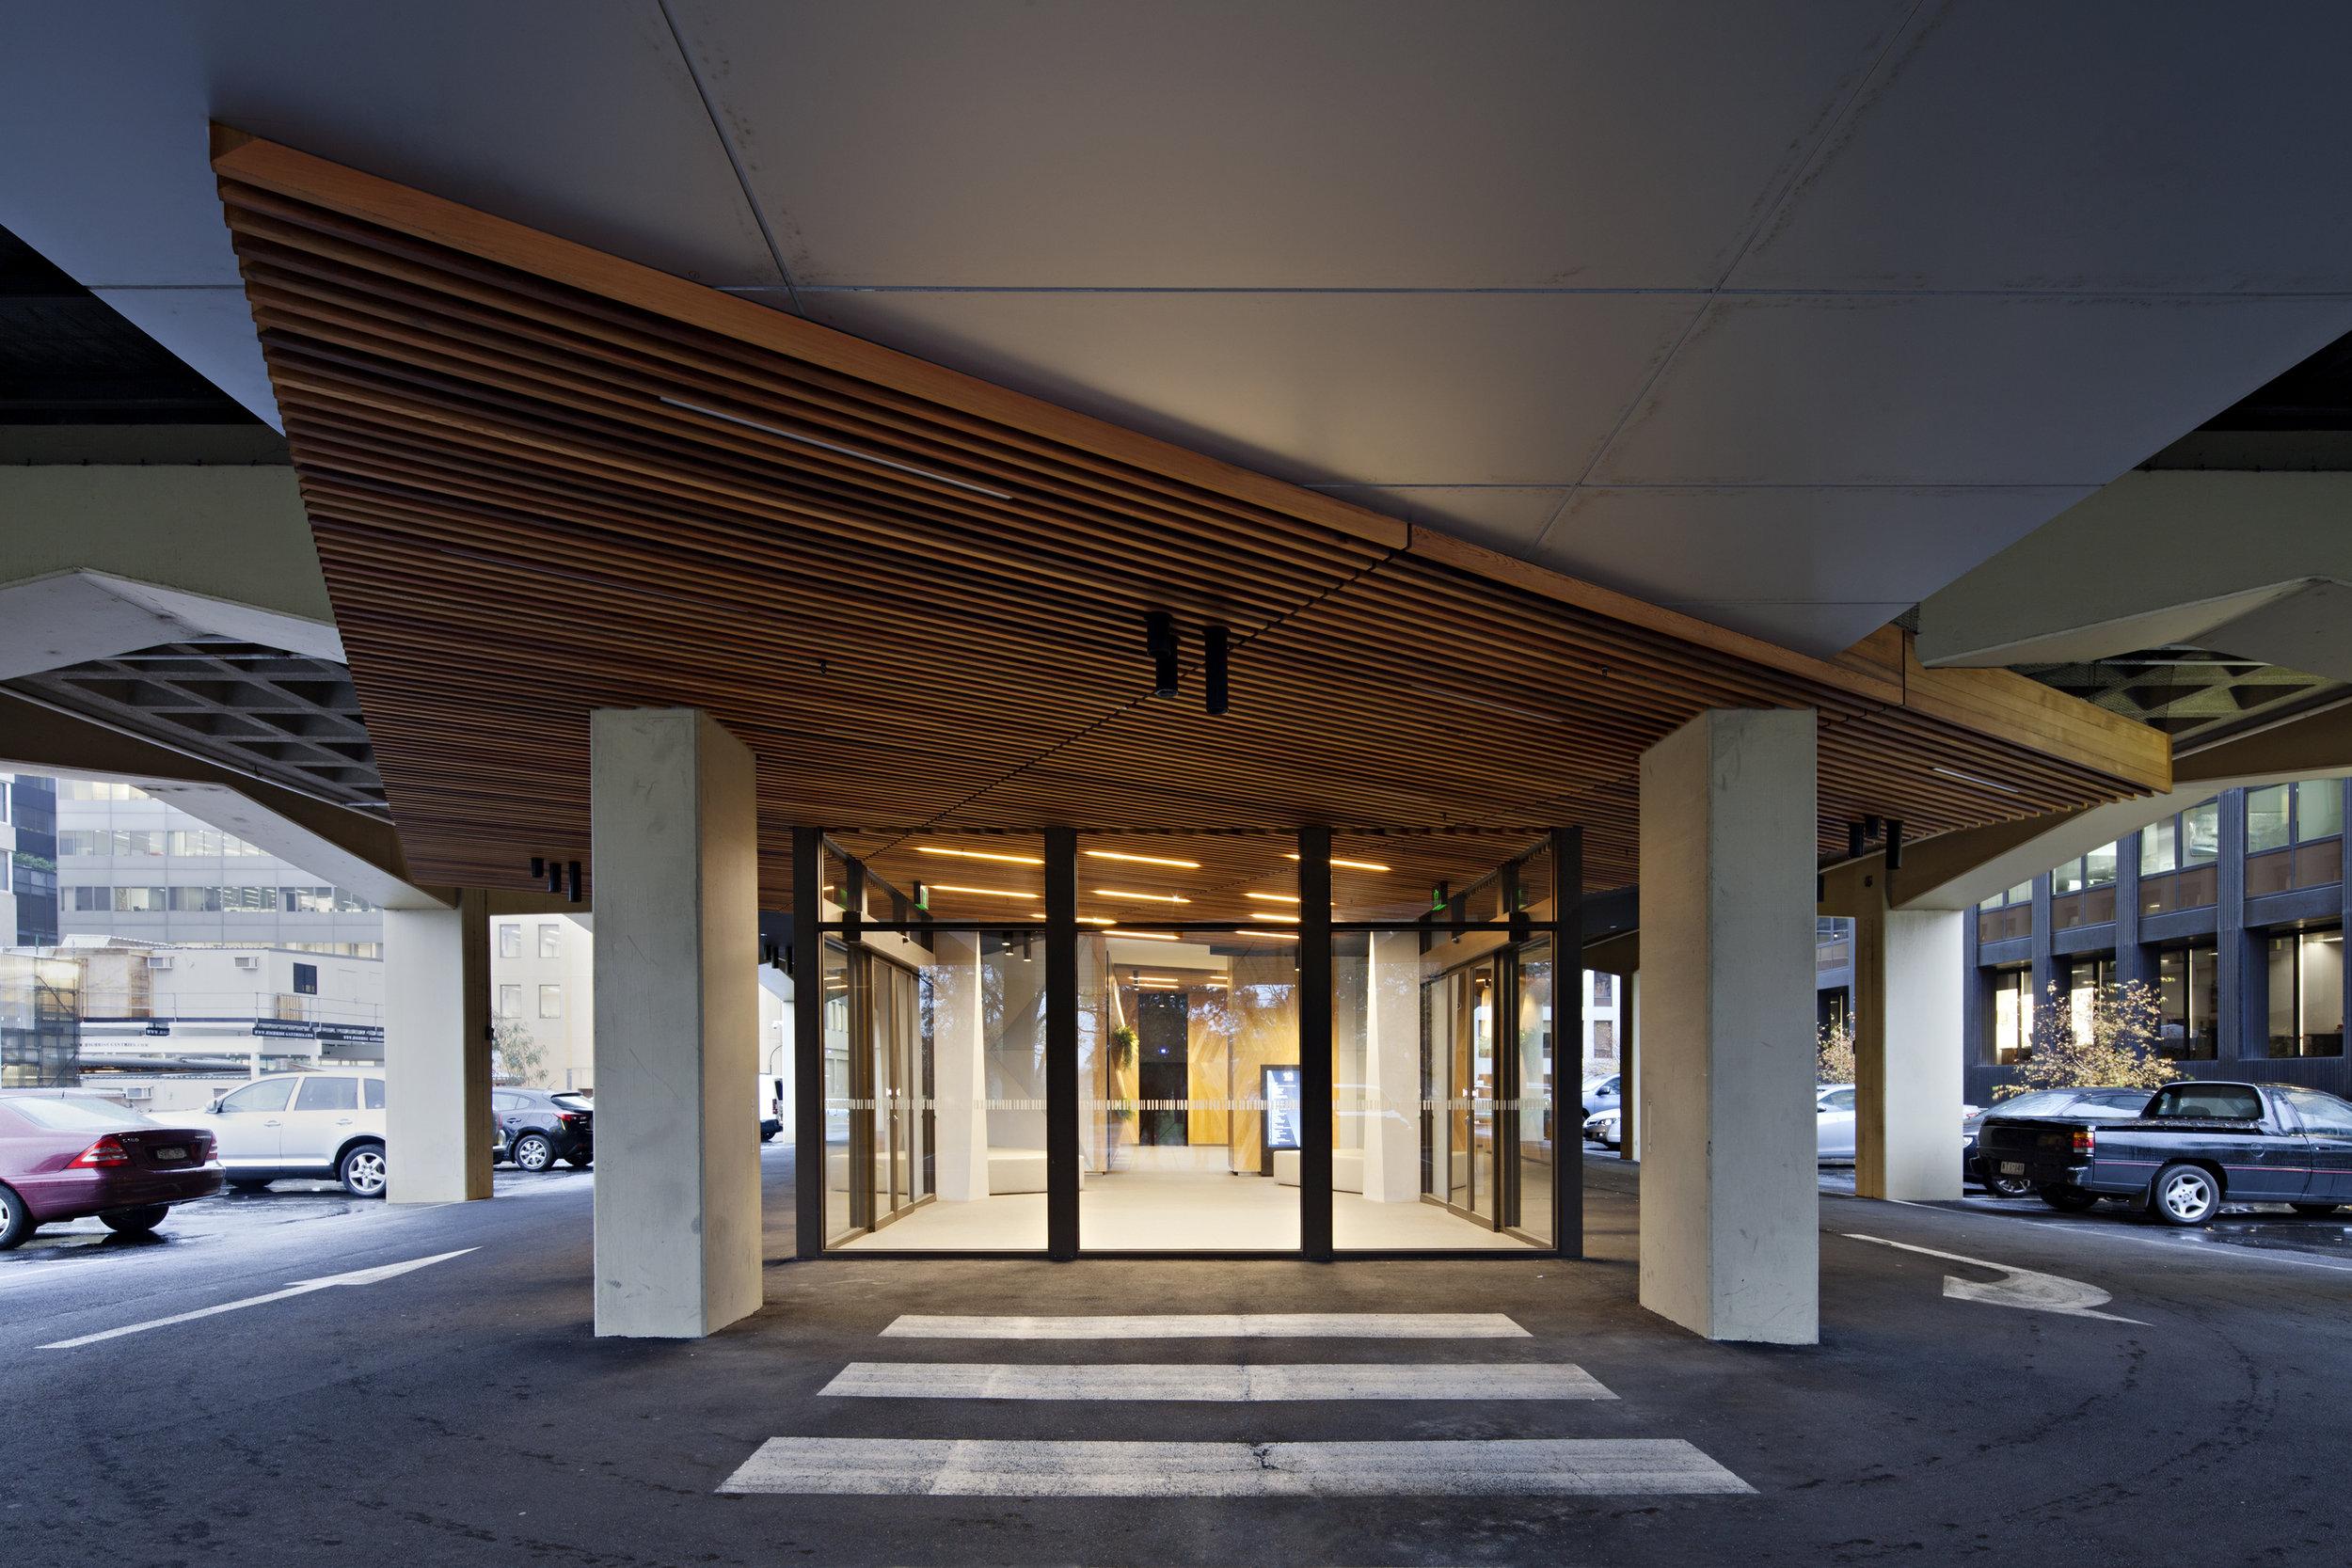 10 Queens Road Lobby Entrance - Design